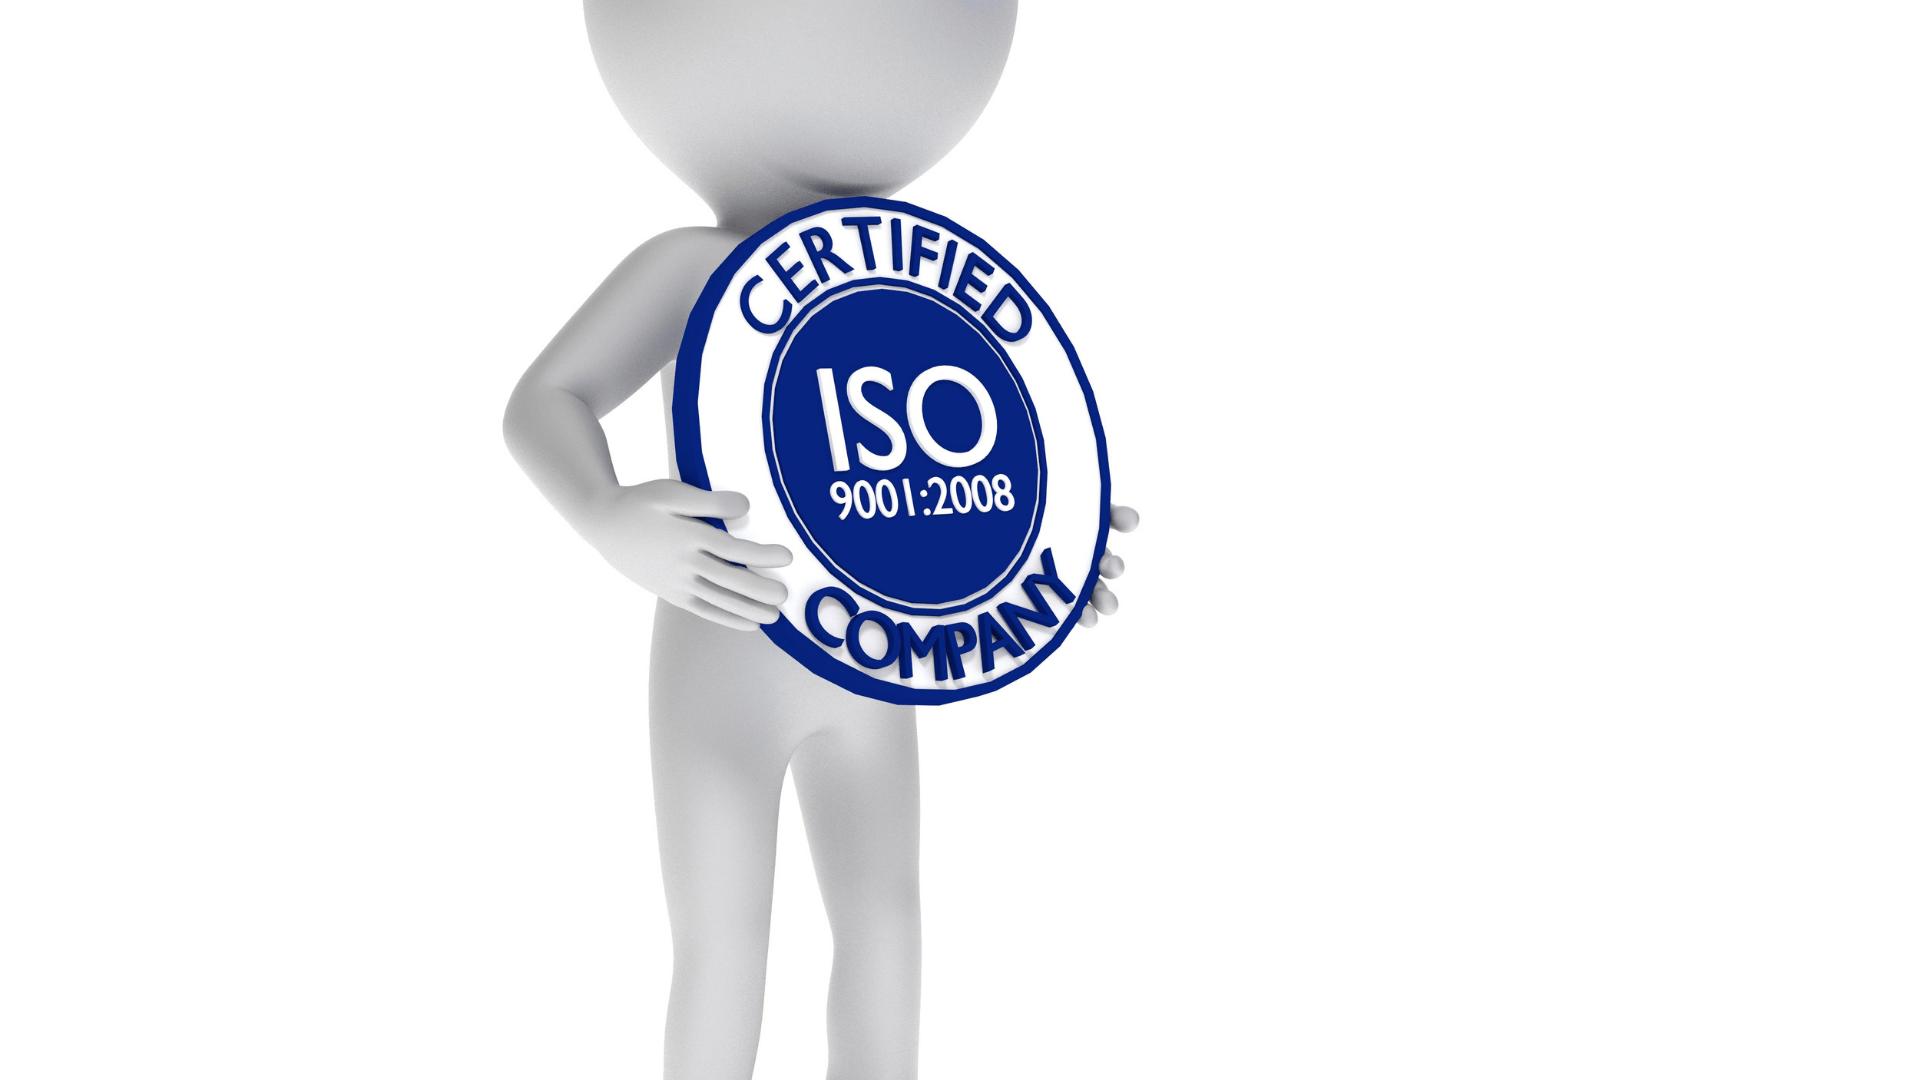 Requisiti per ottenere certificazione iso 9001